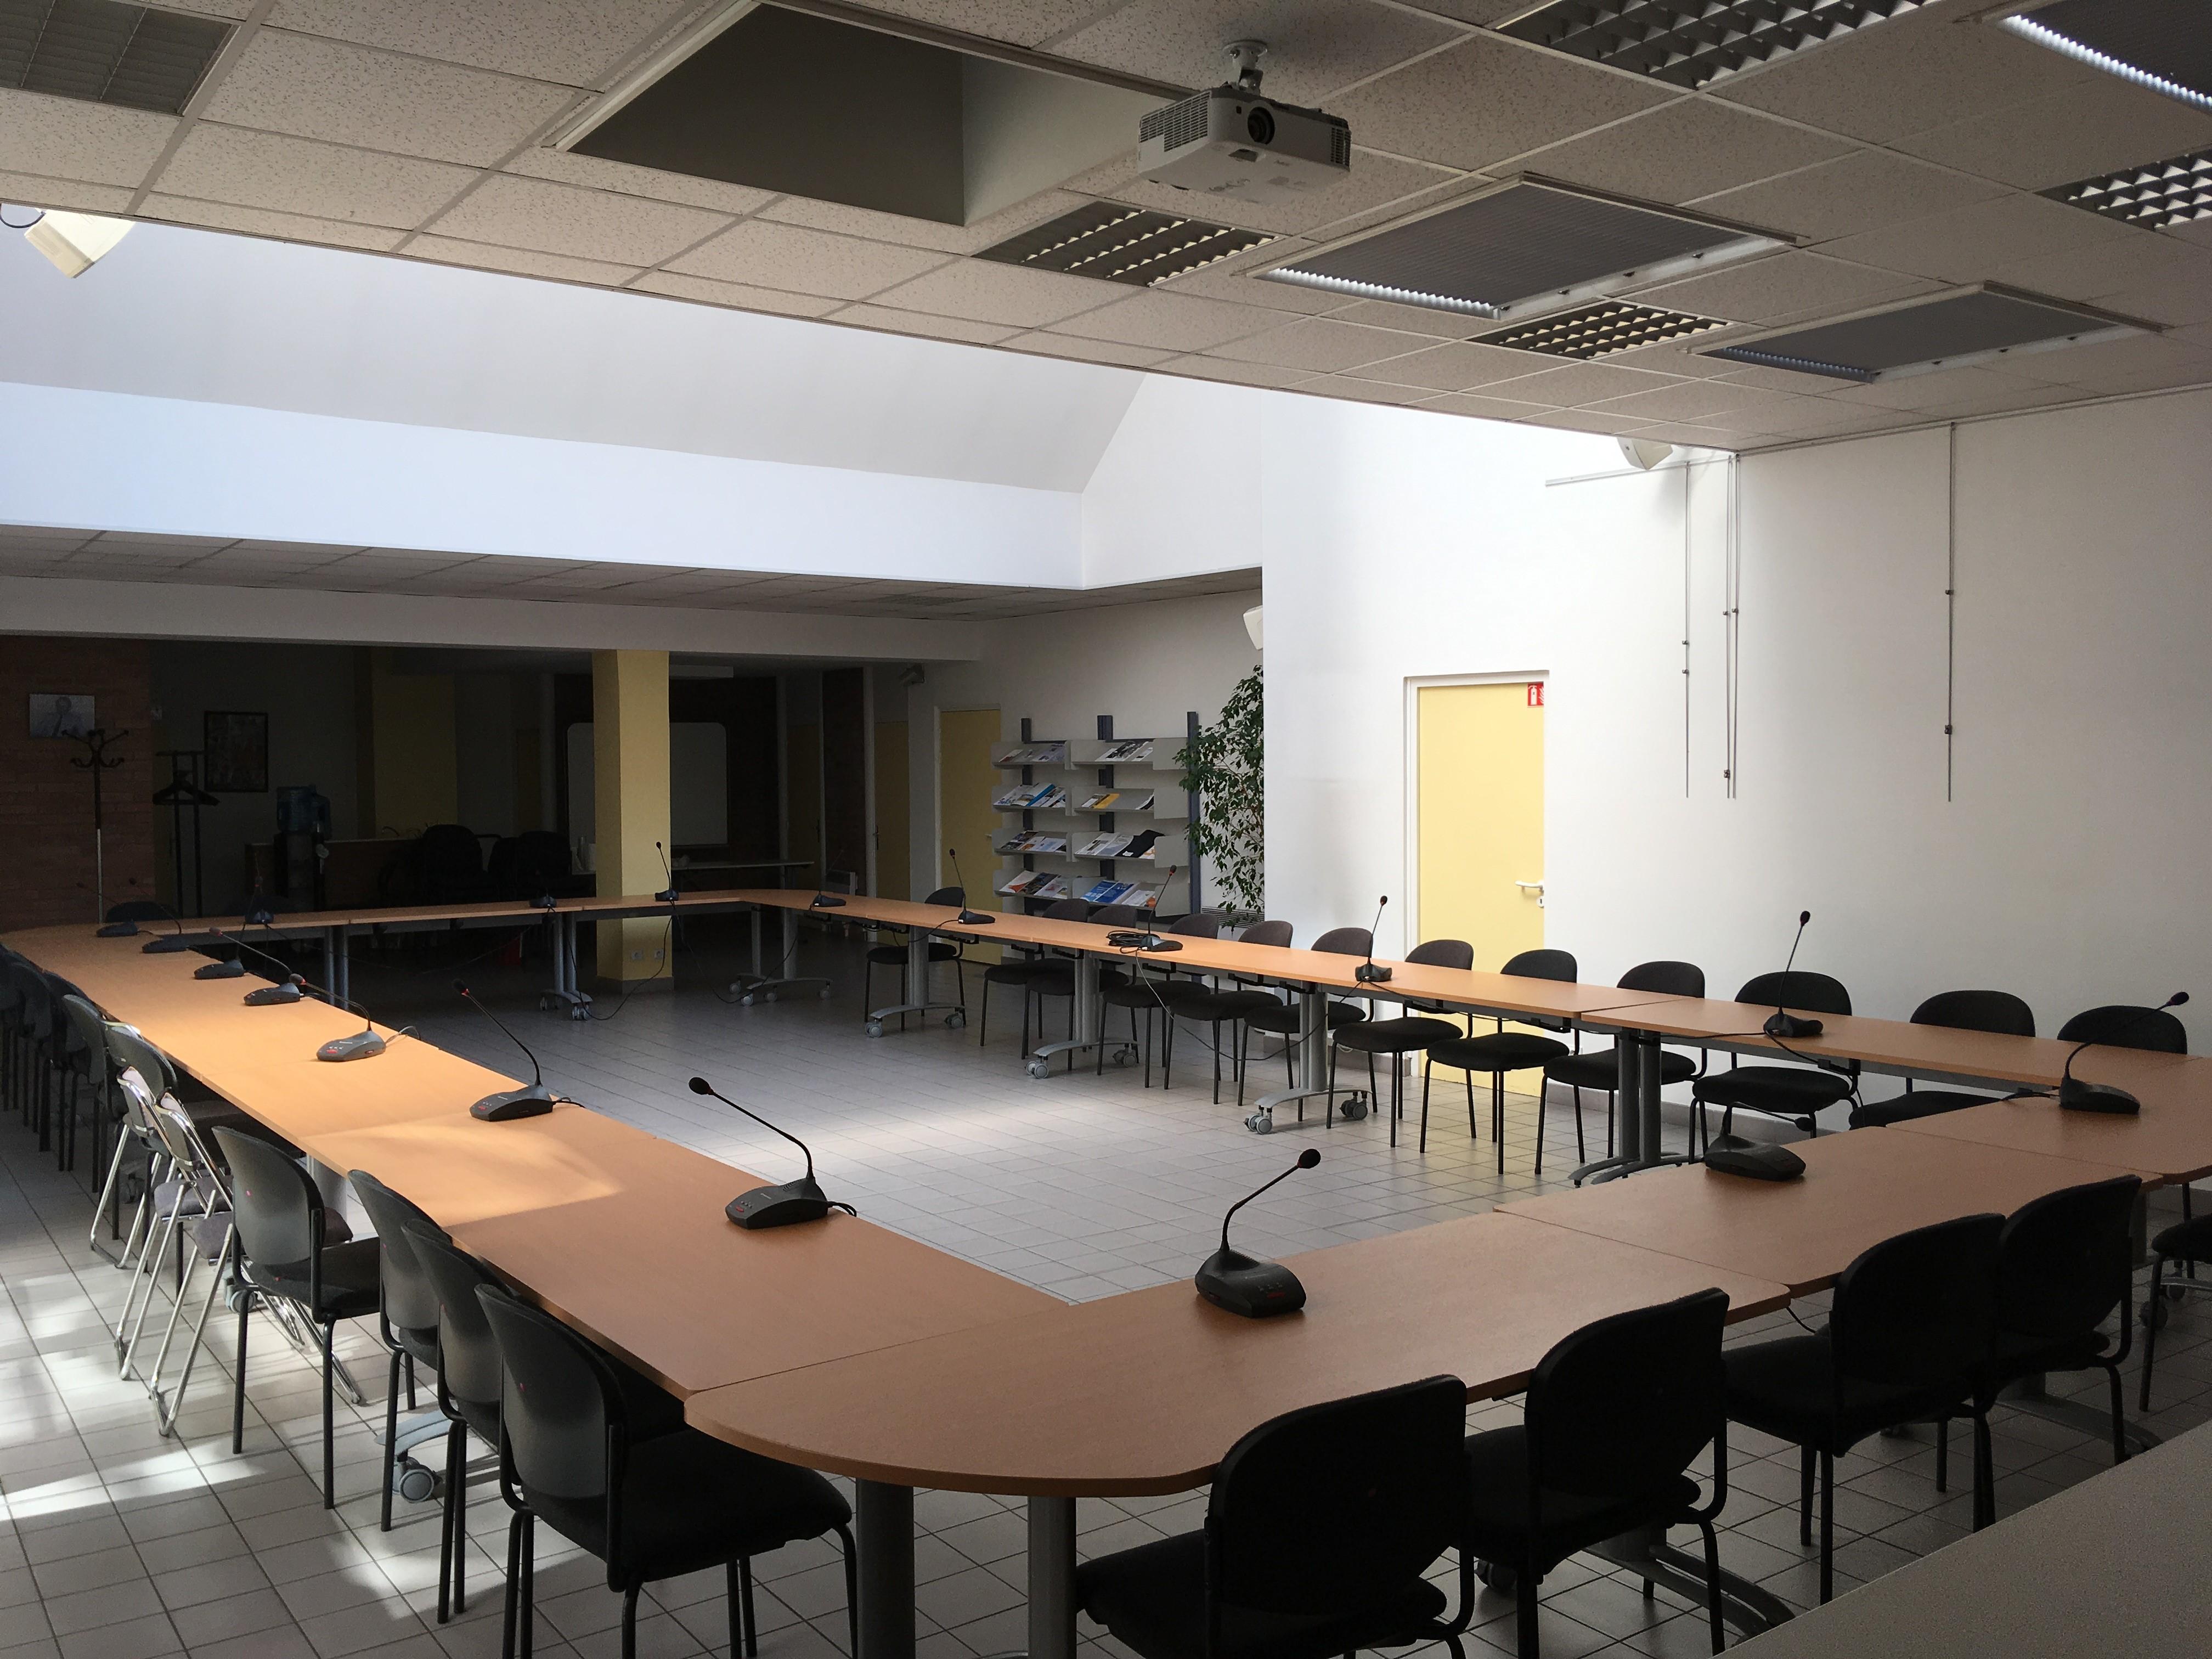 salle avec disposition réunion